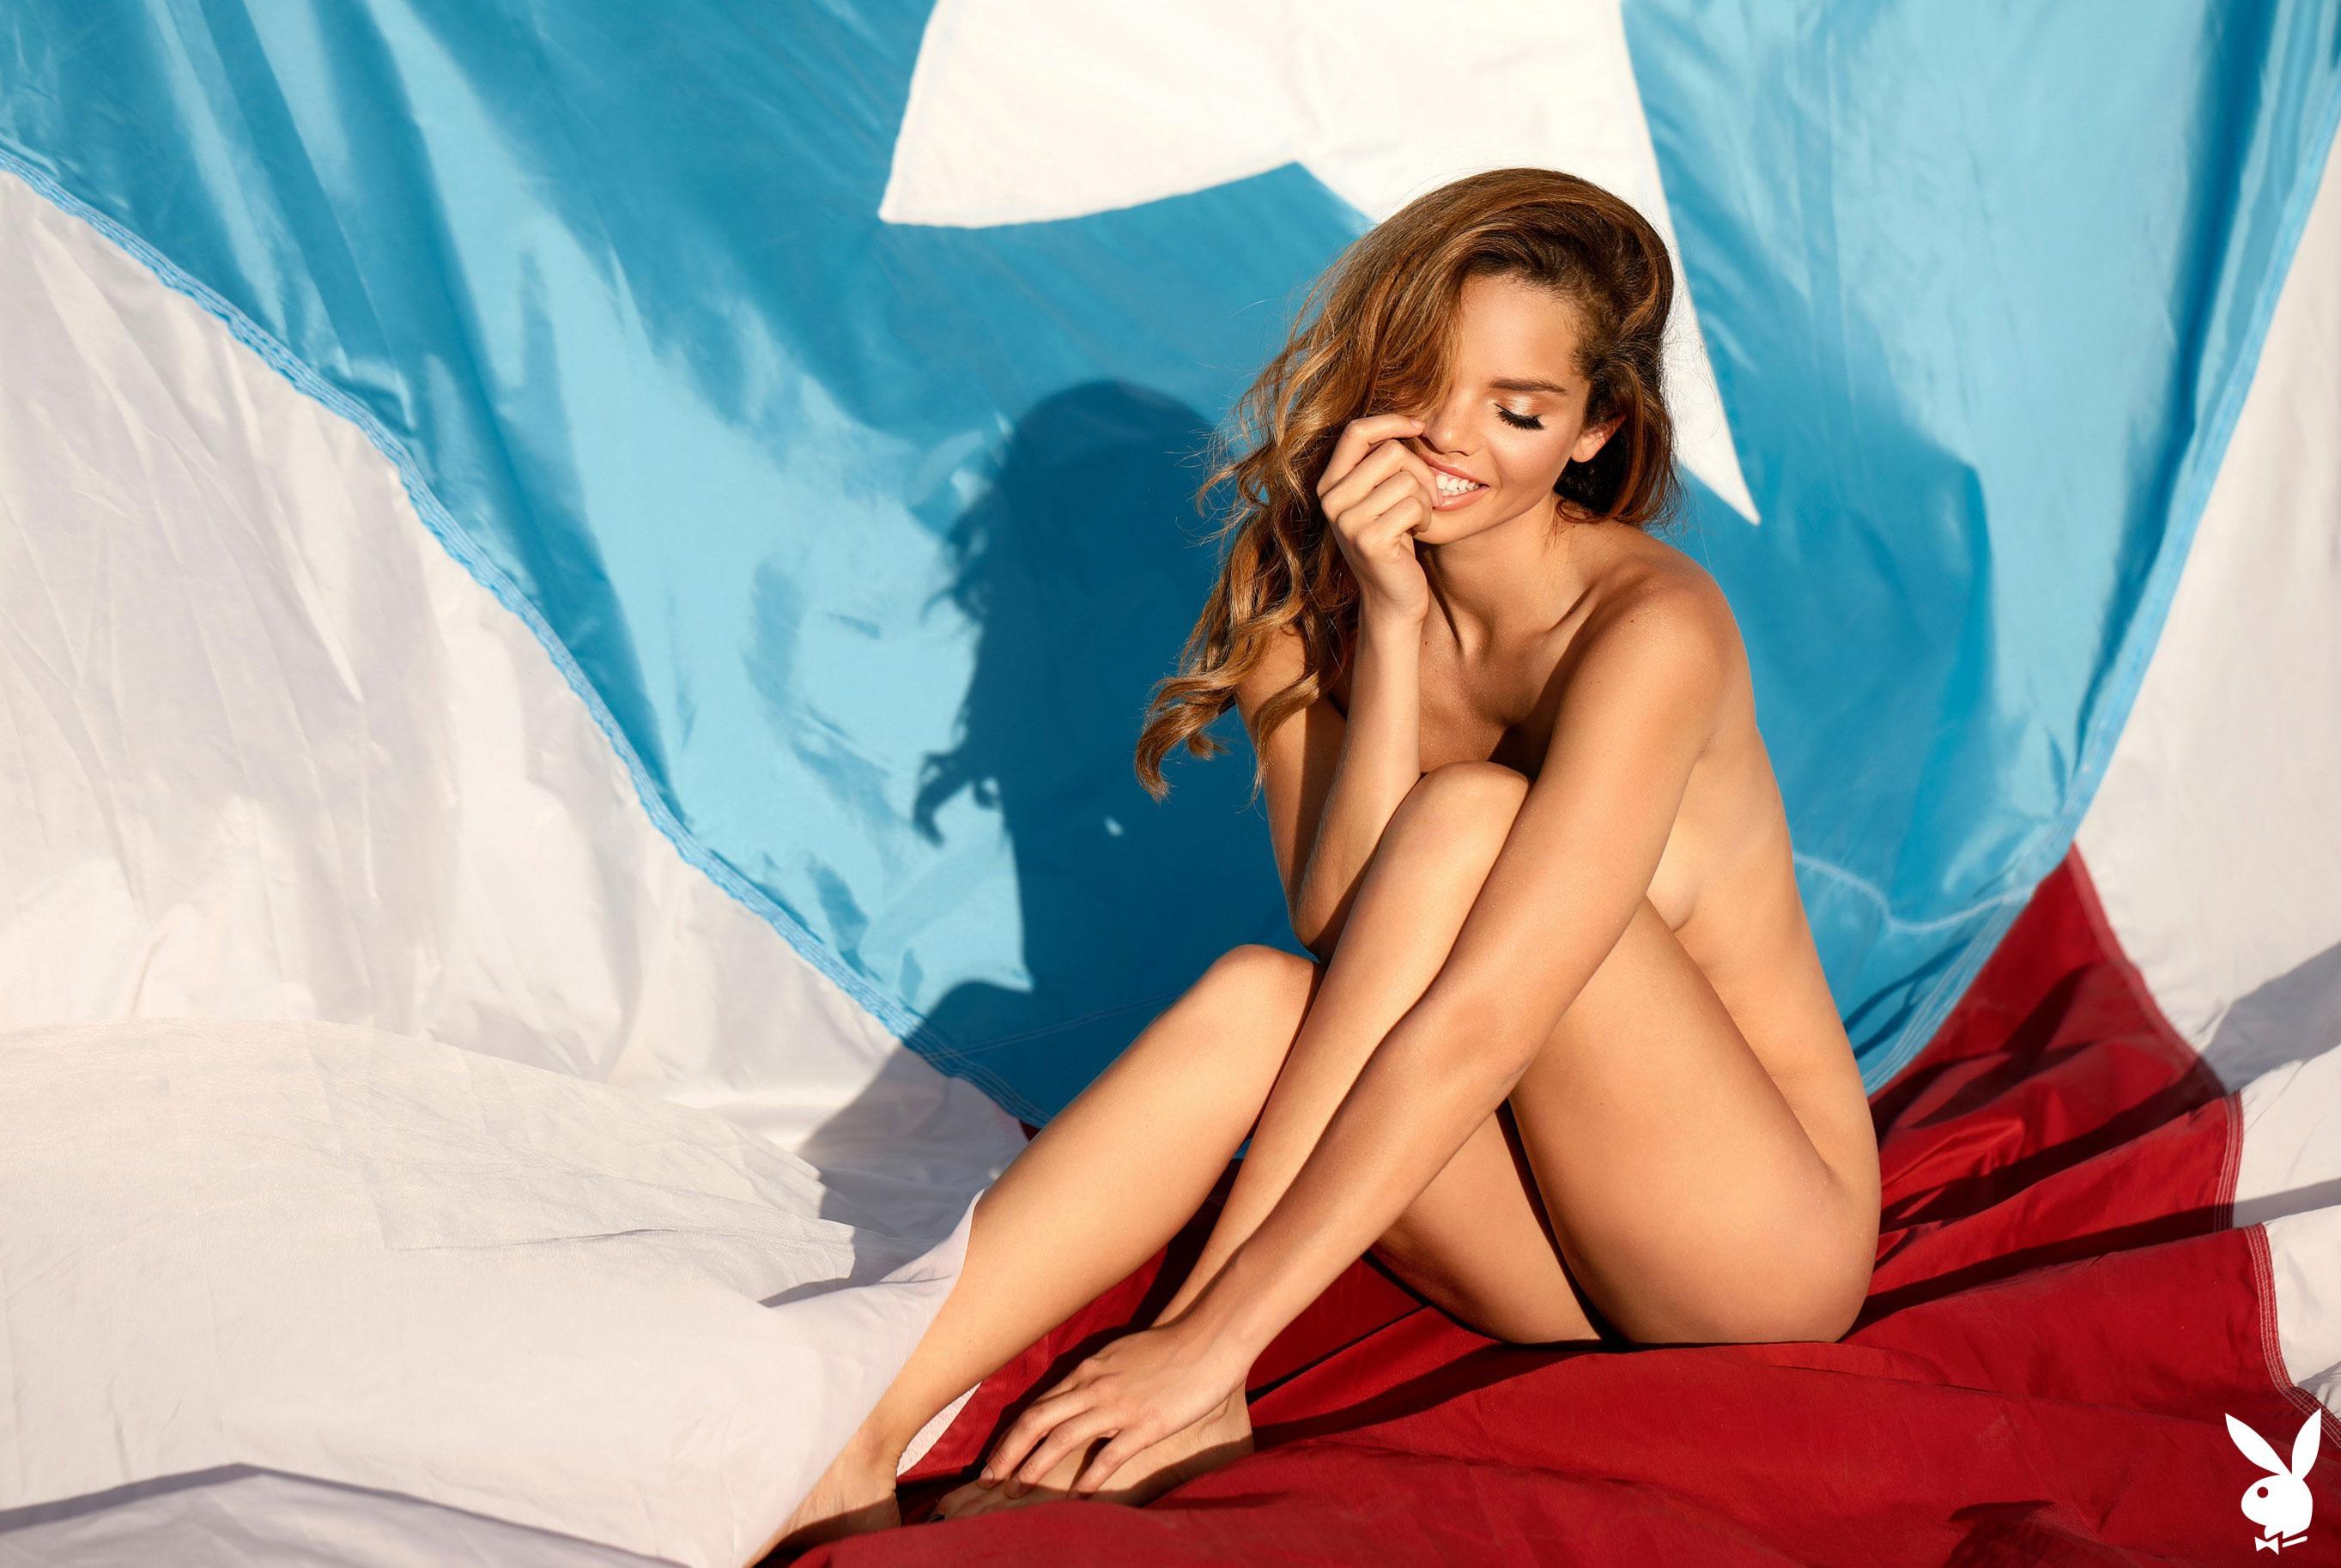 Мисс Июнь 2019 американского Playboy Йоли Лара / фото 41